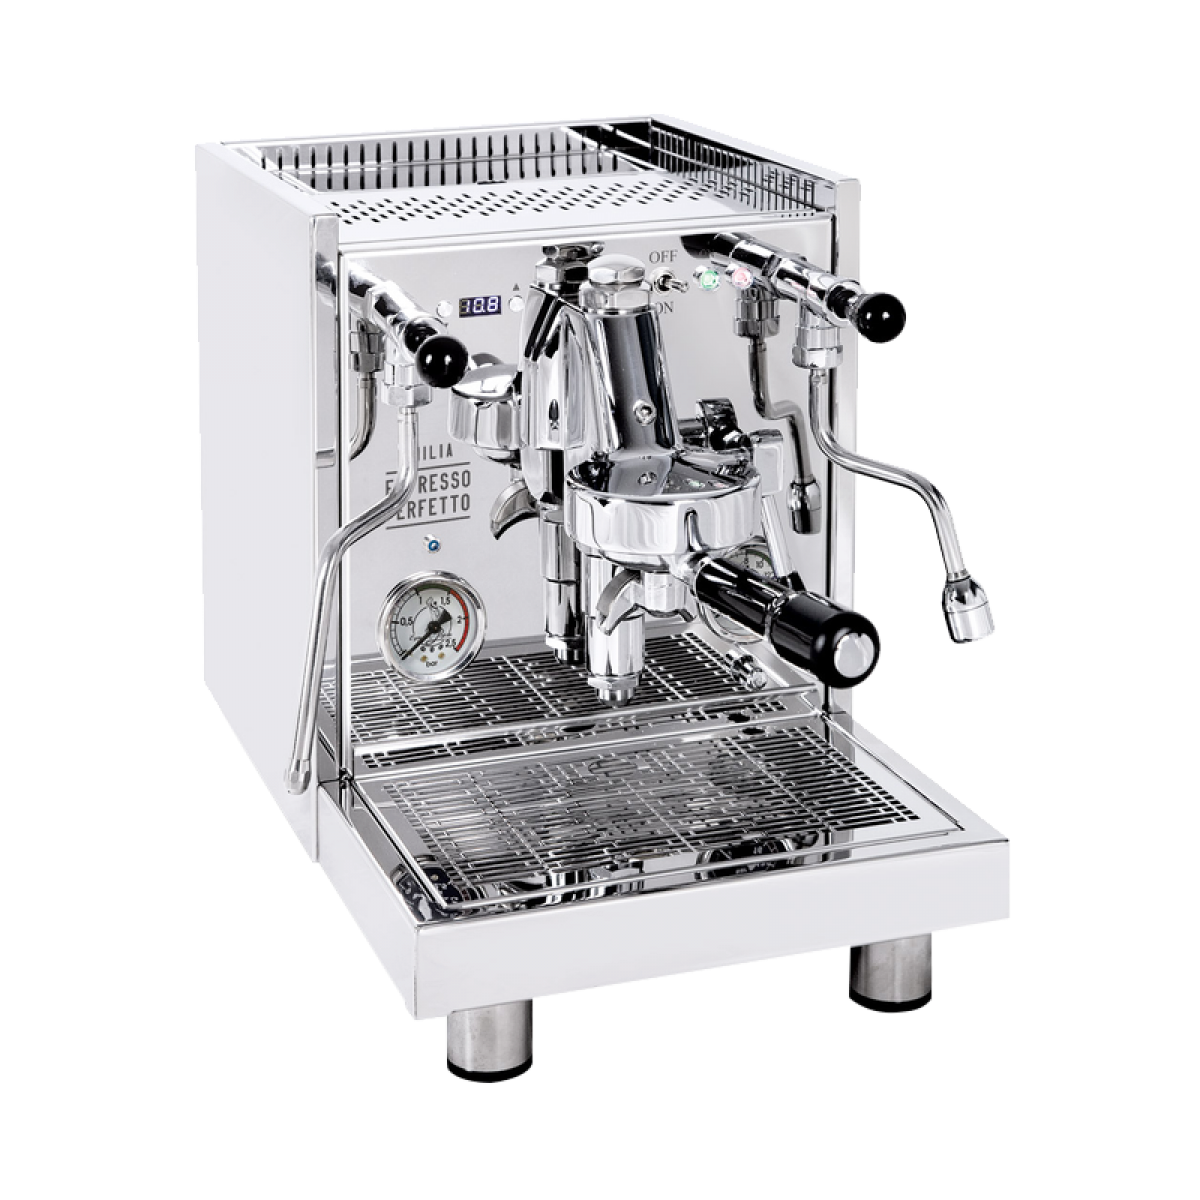 Quick Mill AQUILA 0985-EP Emilia PID Espressomaschine Sonderedition